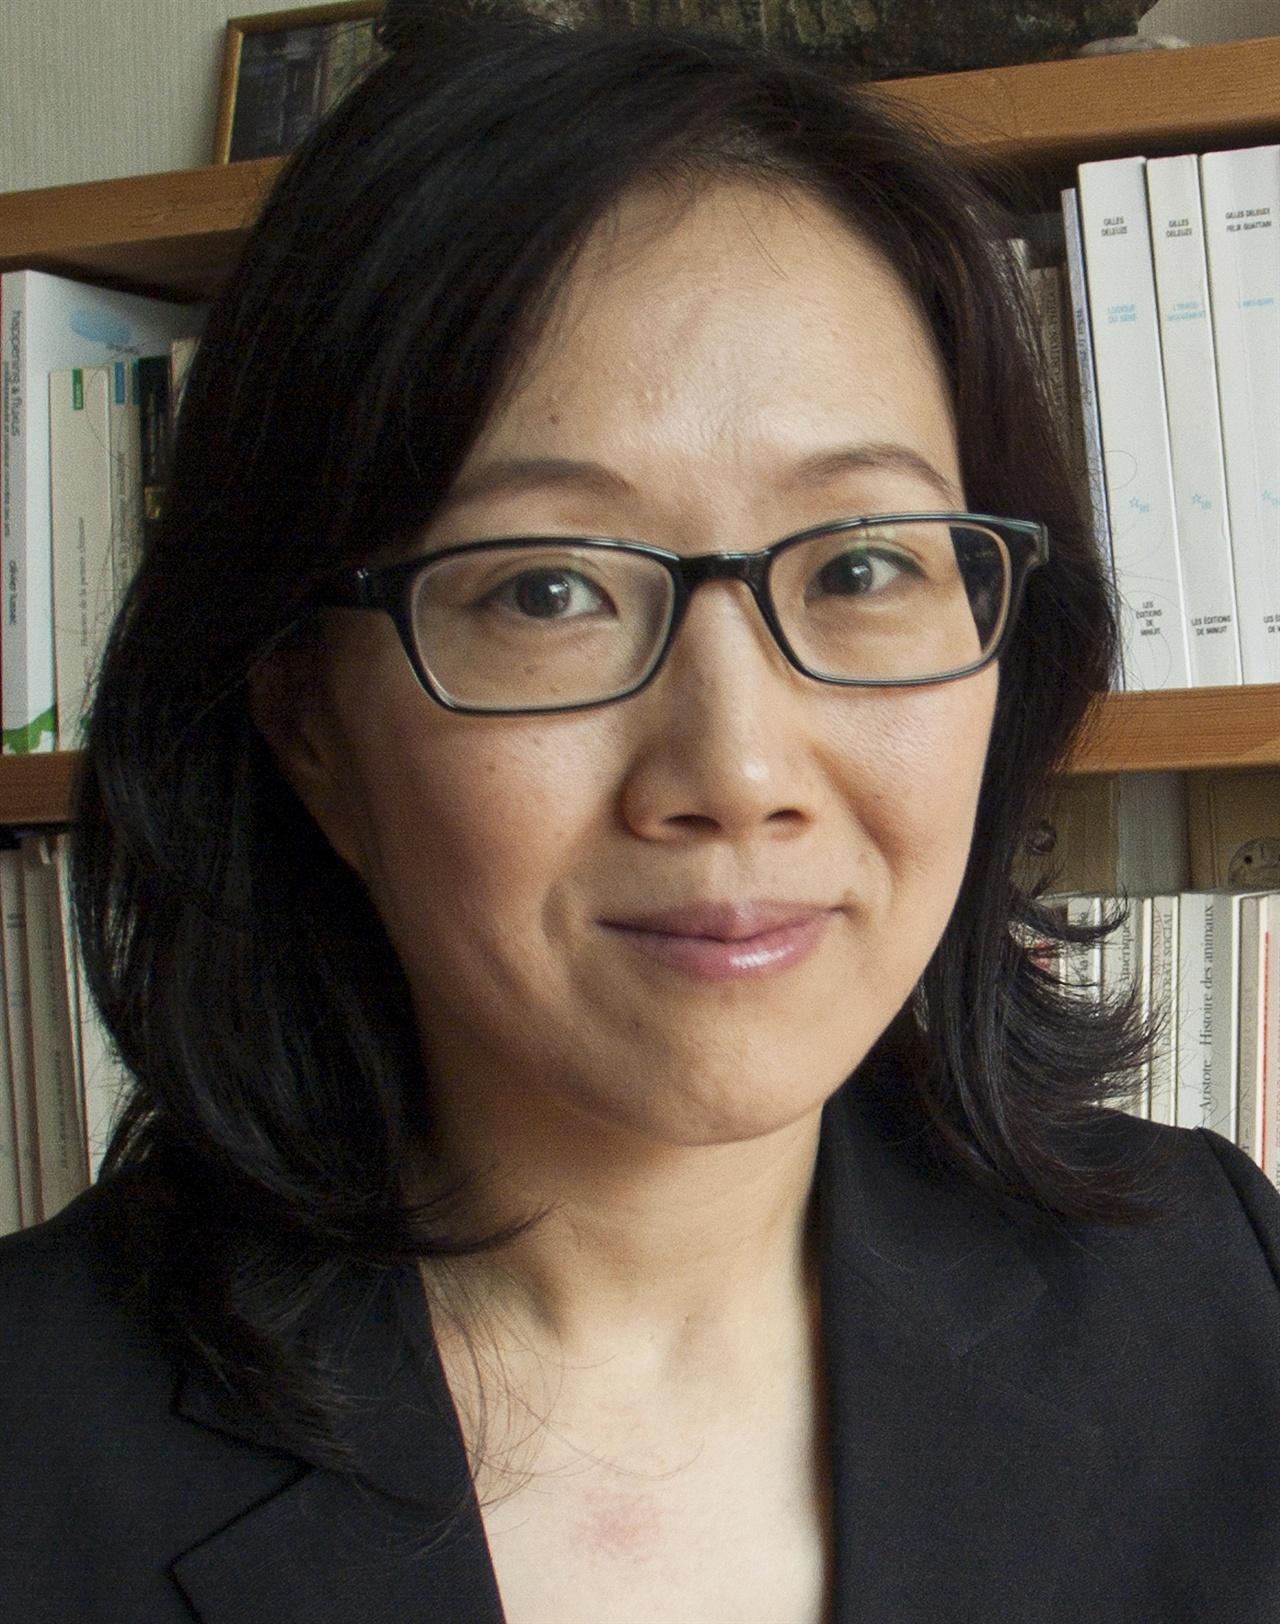 김예경 교수 김예경 교수